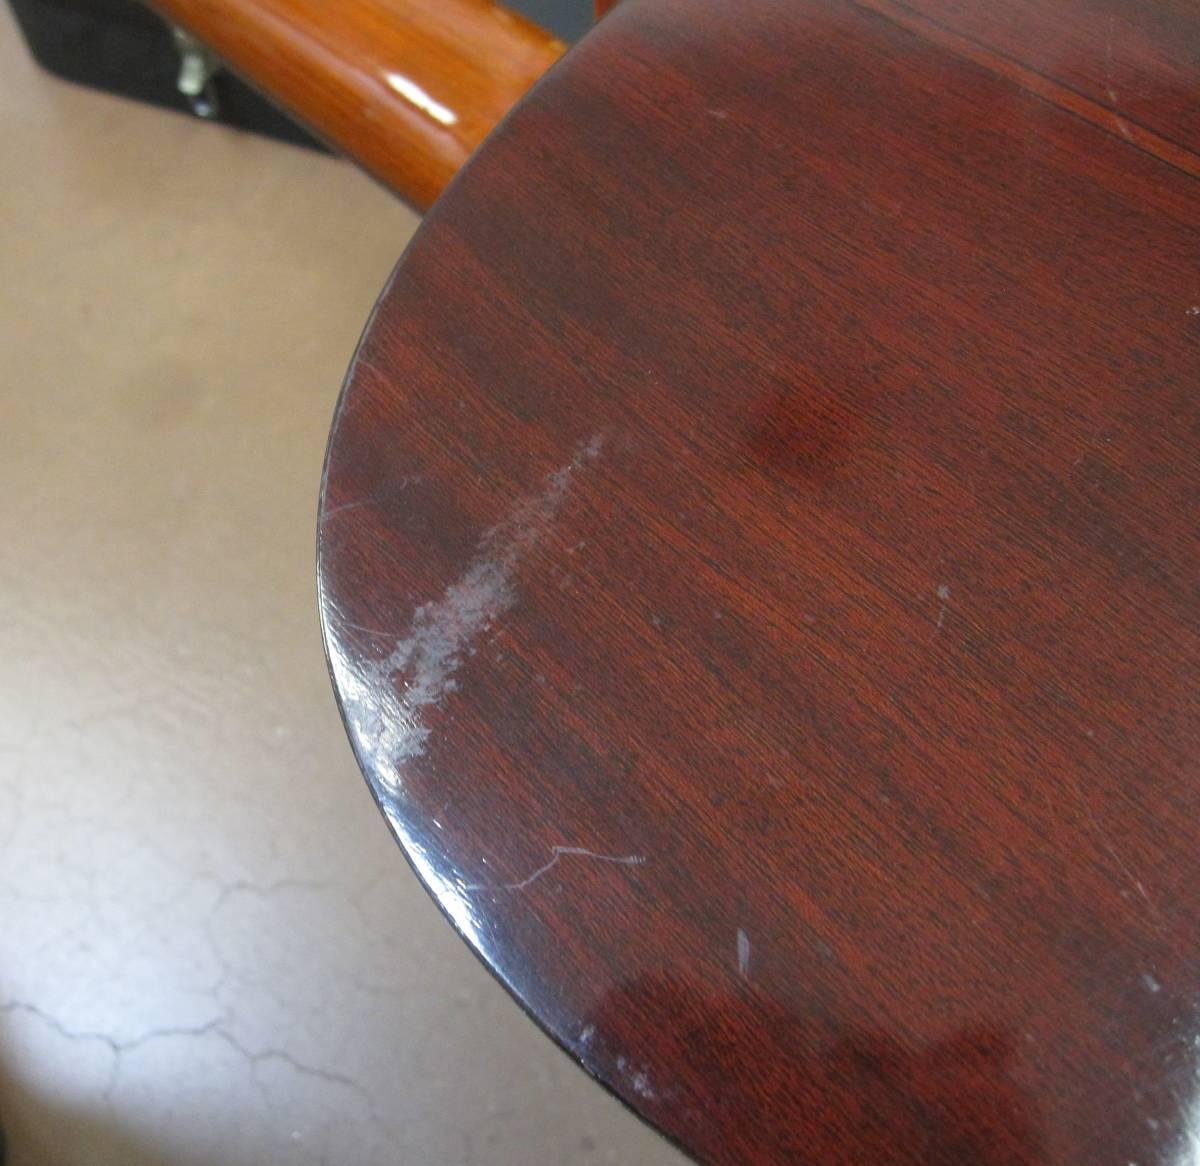 ★#21969 中古品 小傷多 YAMAHA G-150A クラシックギター アコースティックギター ヤマハ ハードケース付で_画像7